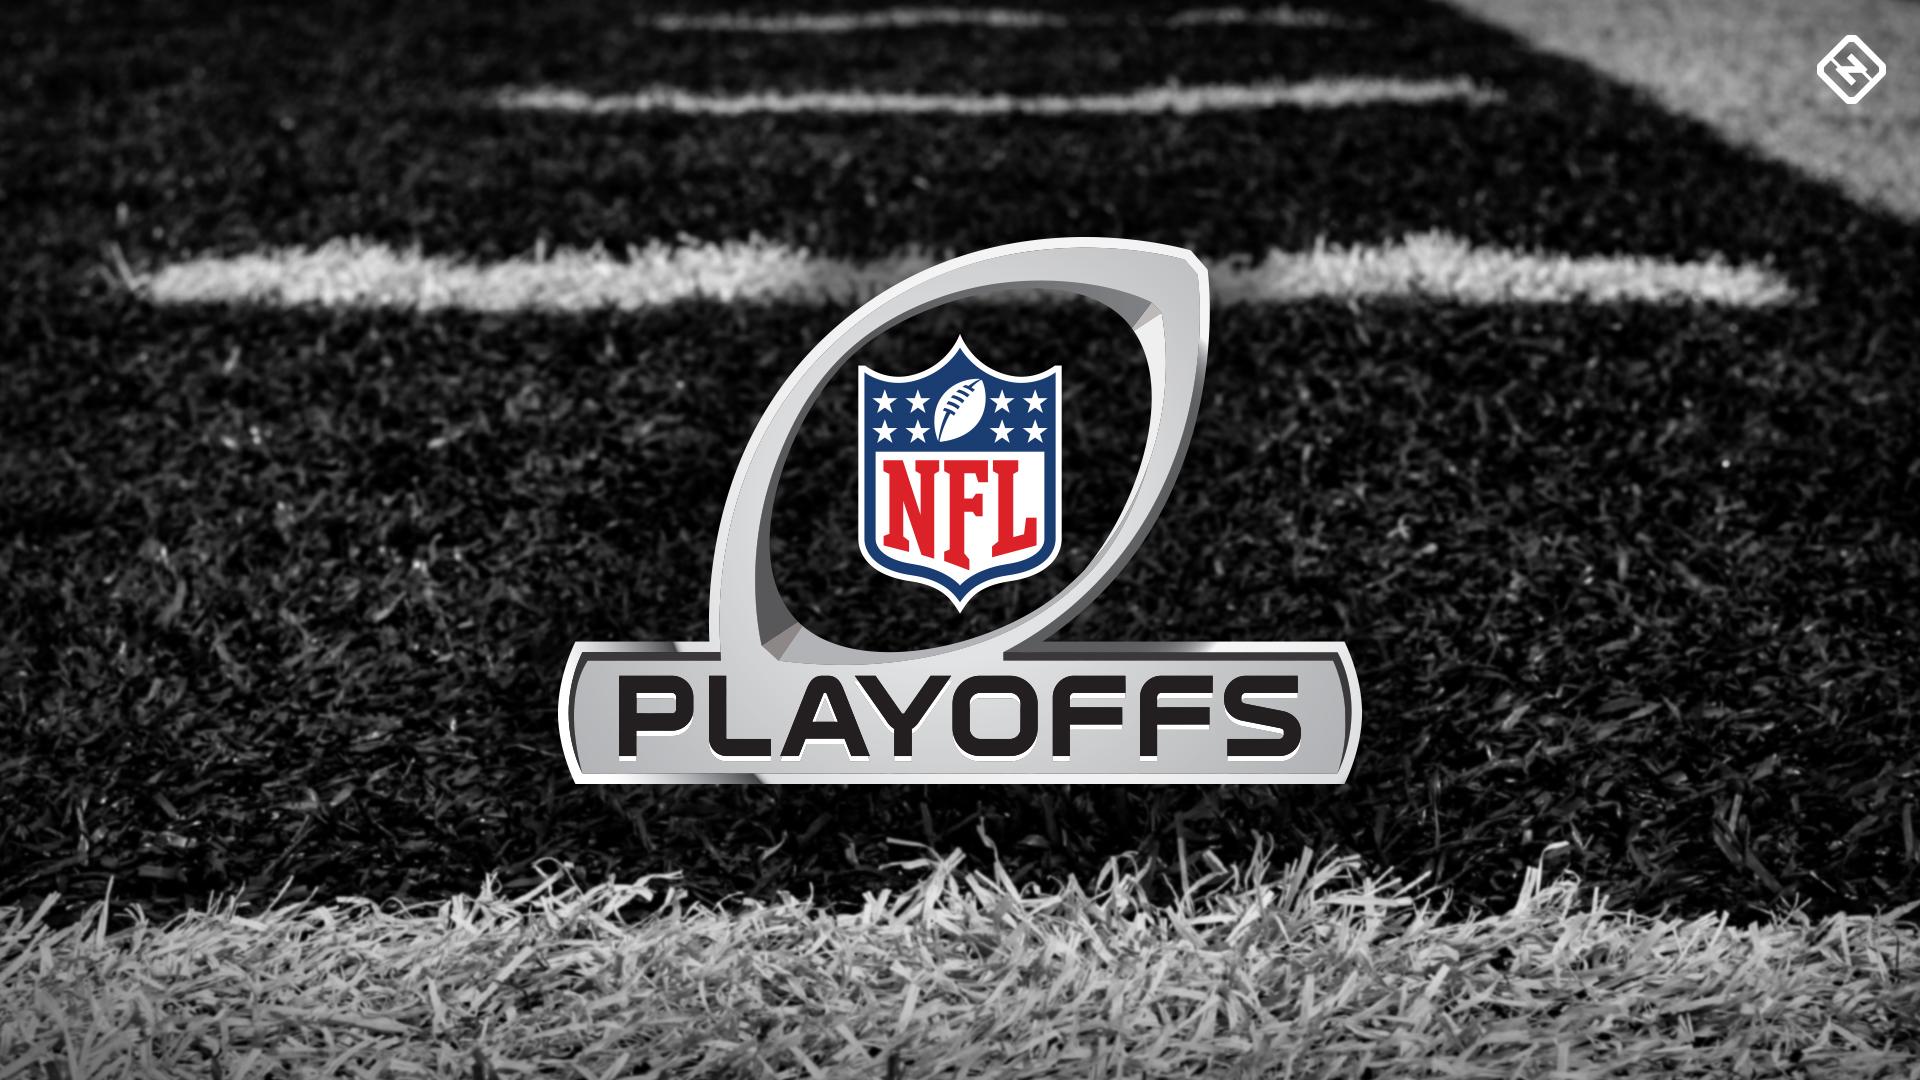 Los playoffs de la NFL llegarán a Nickelodeon 81